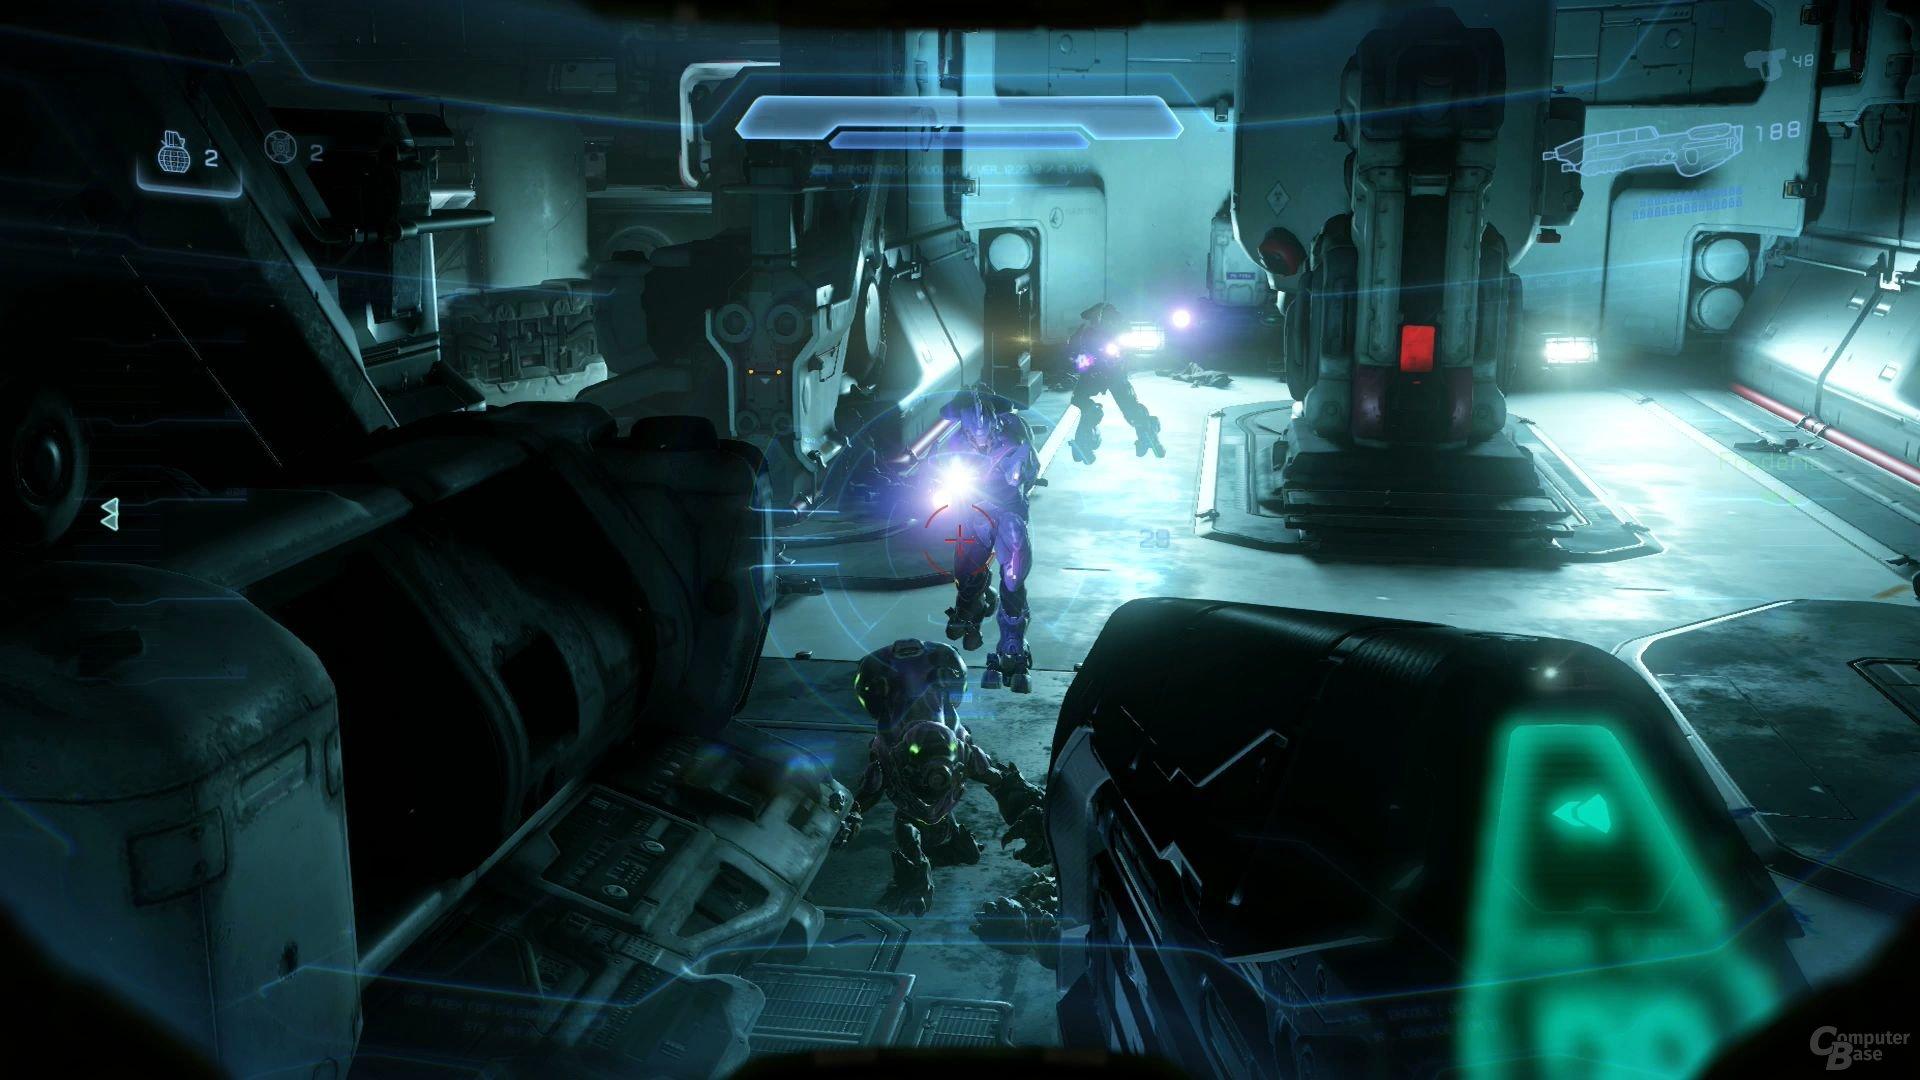 Der Stil dieser Mission lehnt sich an Halo 4 an